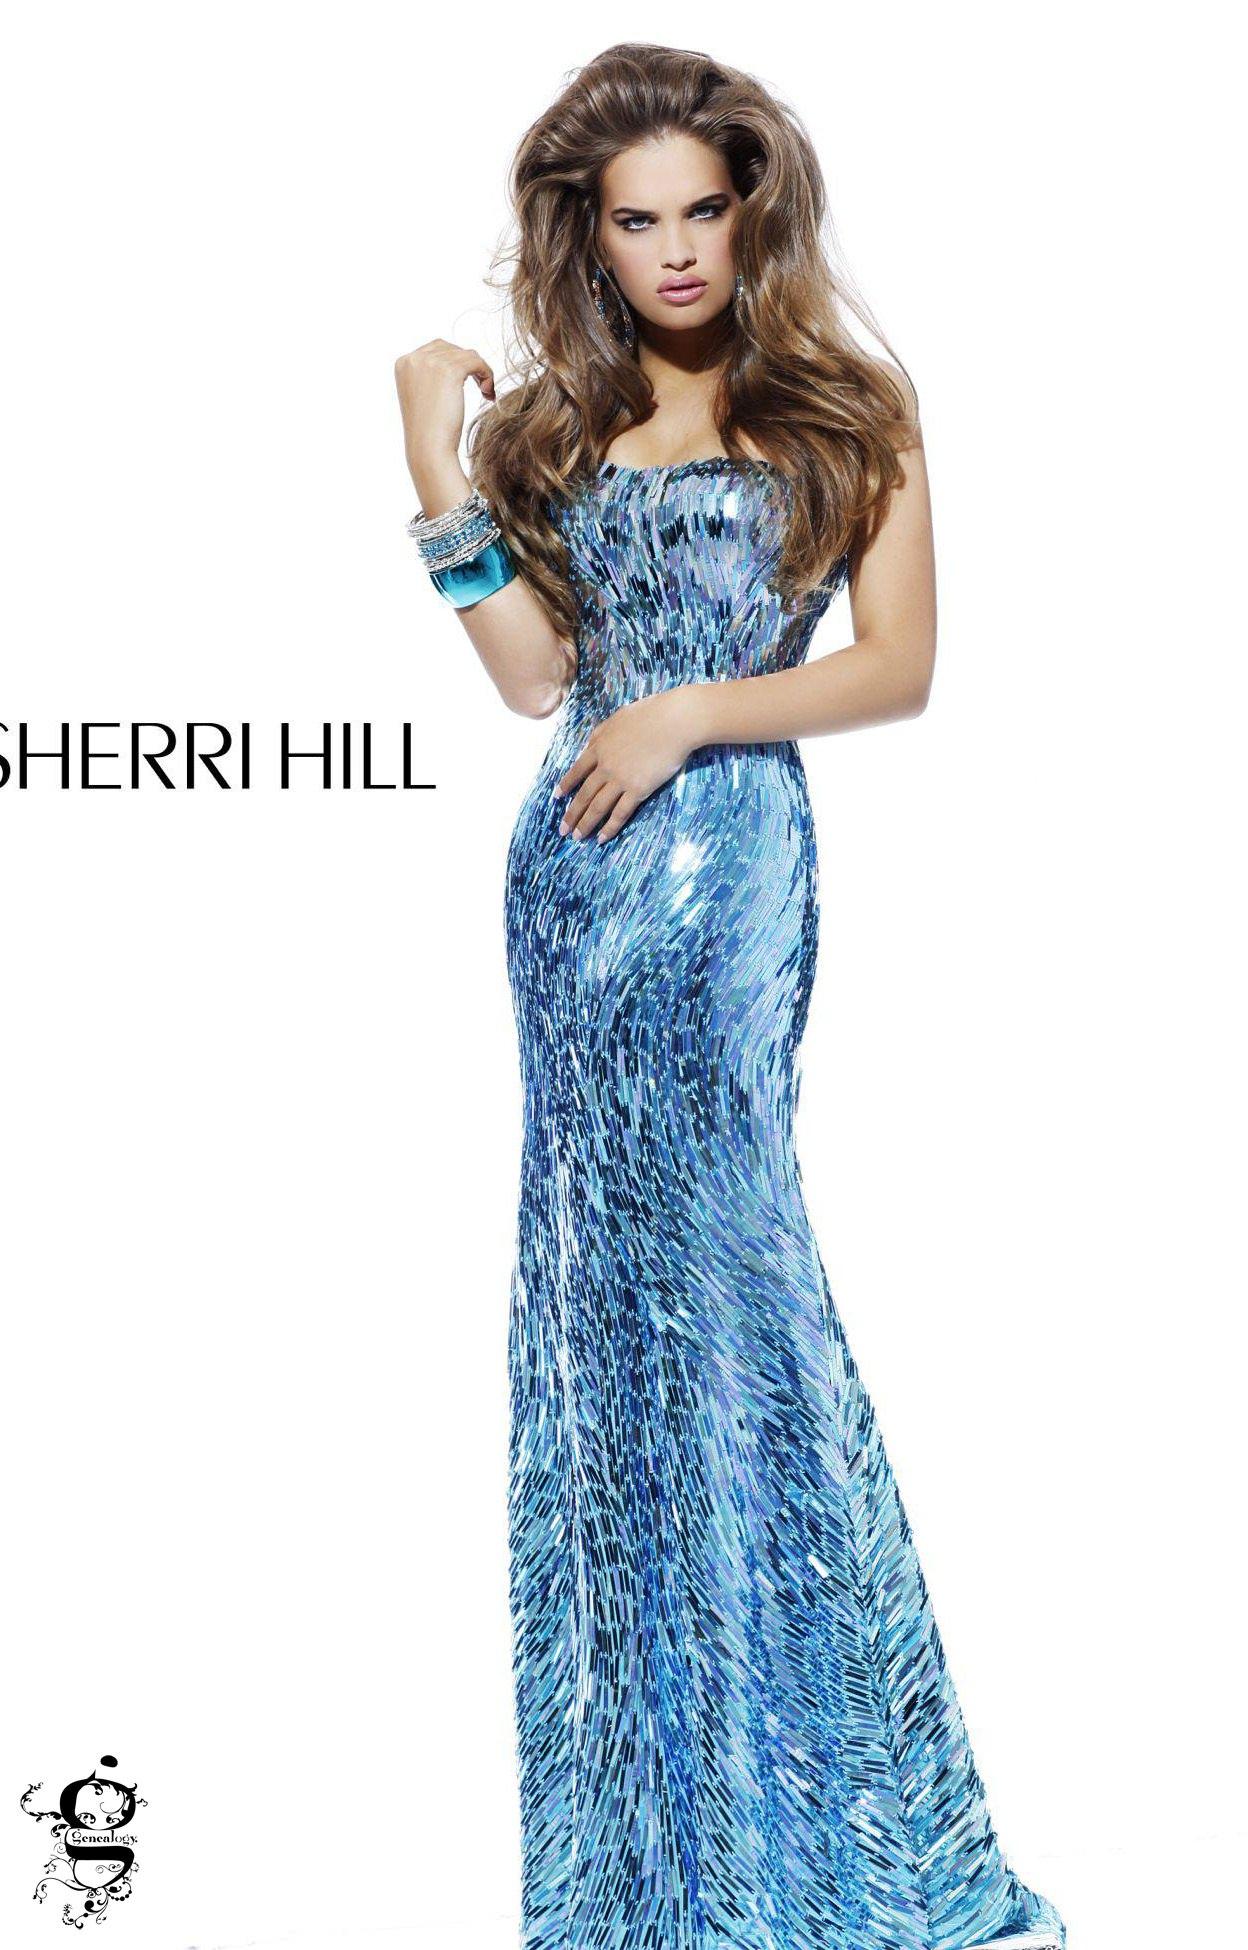 Sherri Hill 2907 - Formal Evening Prom Dress